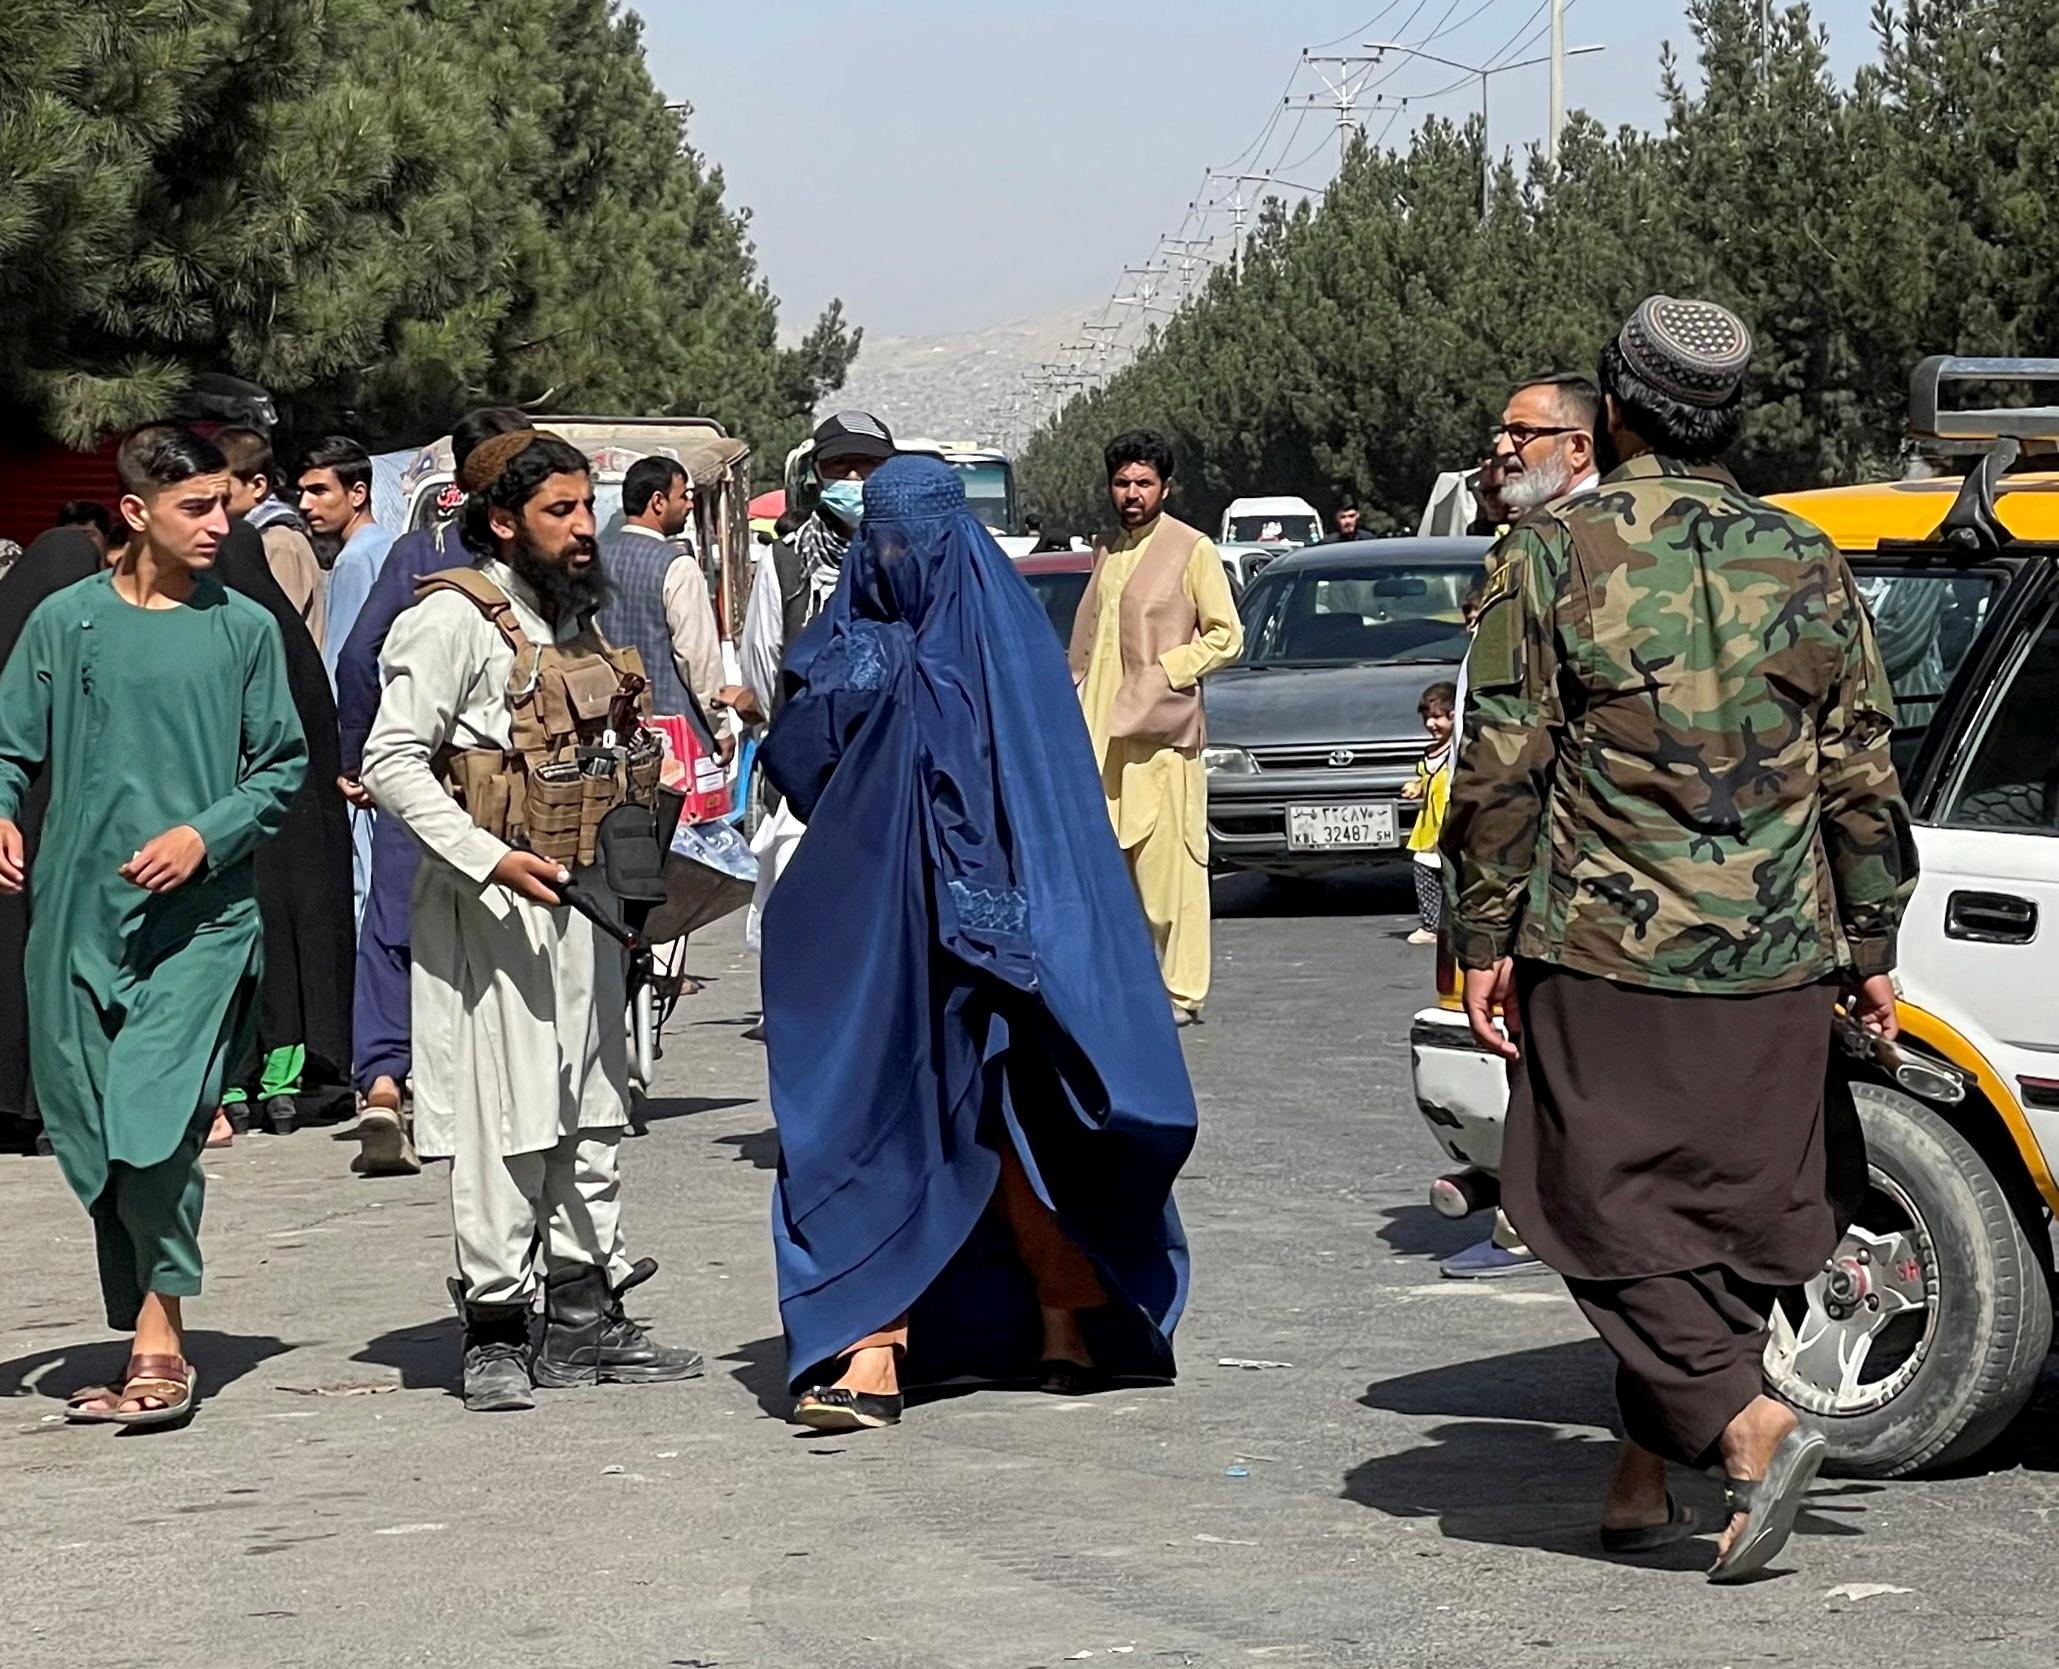 Αφγανιστάν: Γυναίκες δικαστές διώκονται από πρώην κρατούμενους που απελευθέρωσαν οι Ταλιμπάν